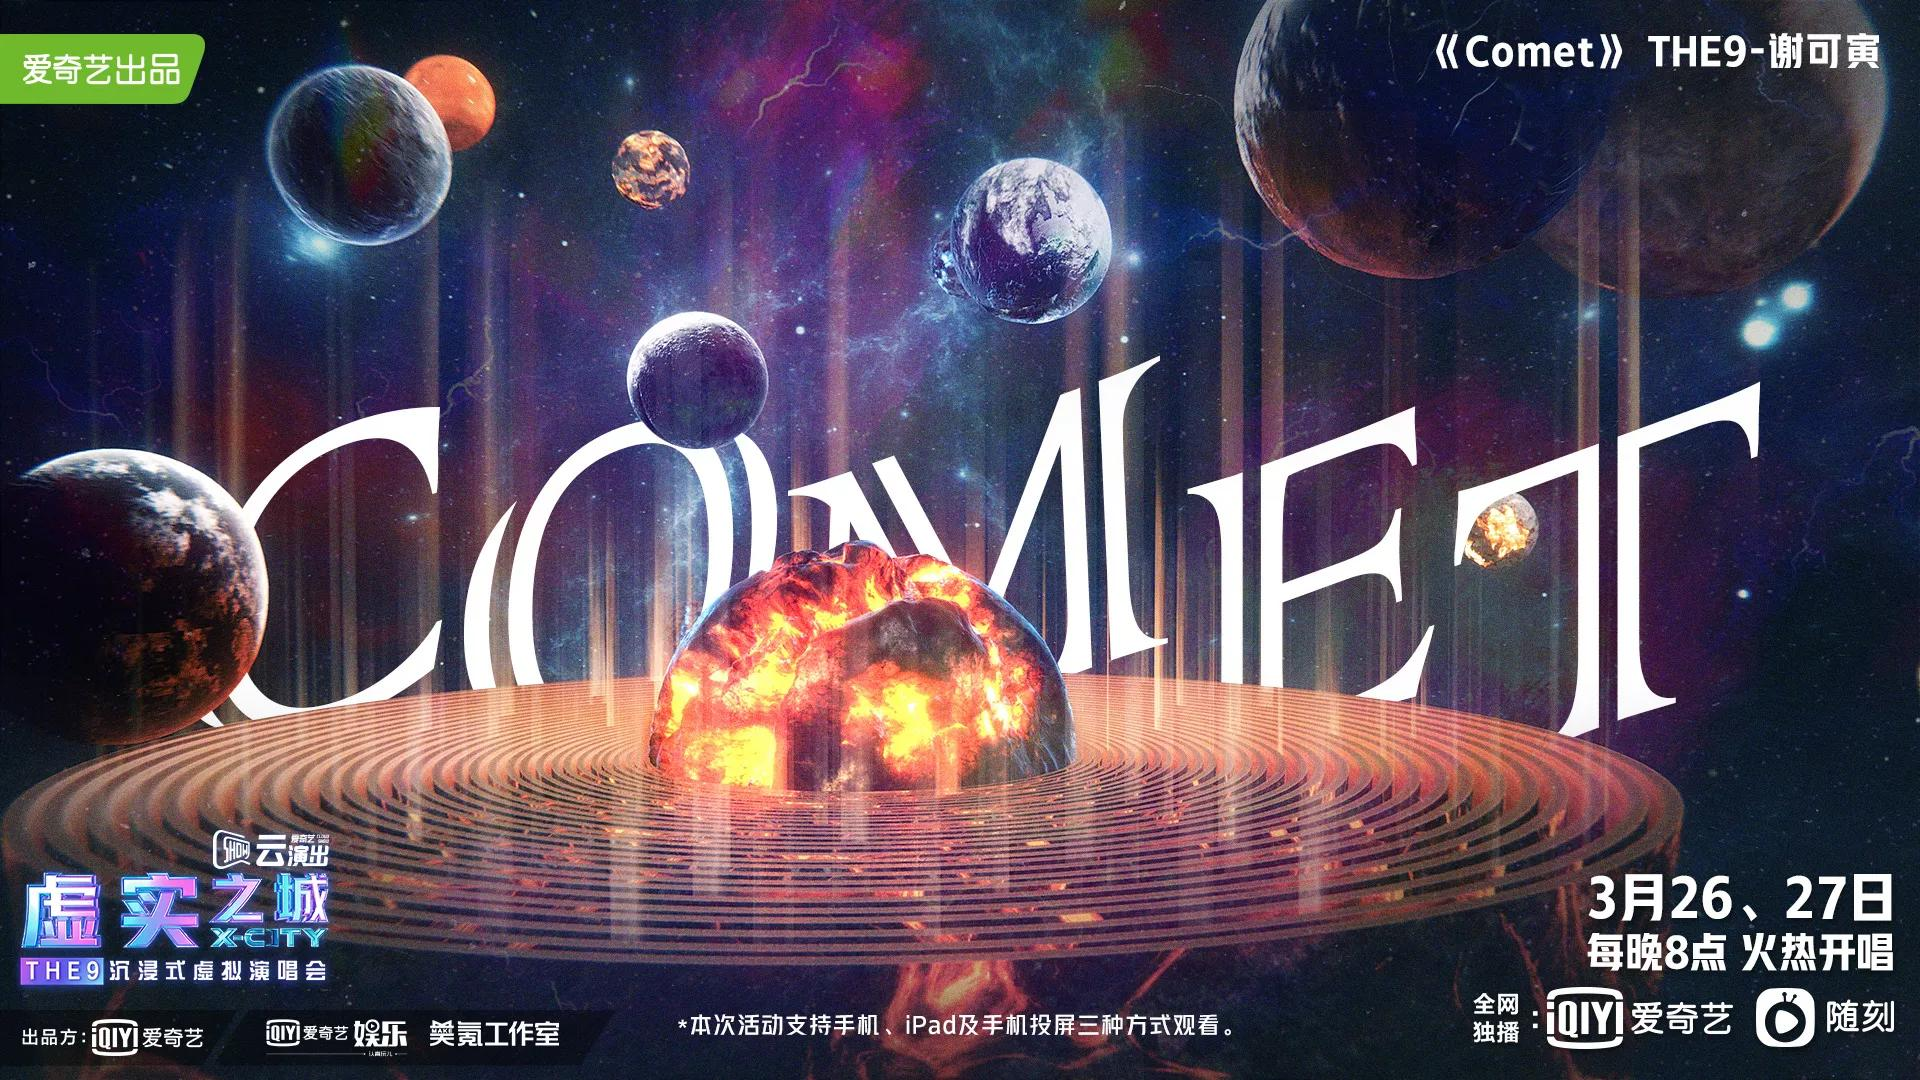 """THE9演唱会,科幻背景图,只值""""5毛钱 ?"""""""